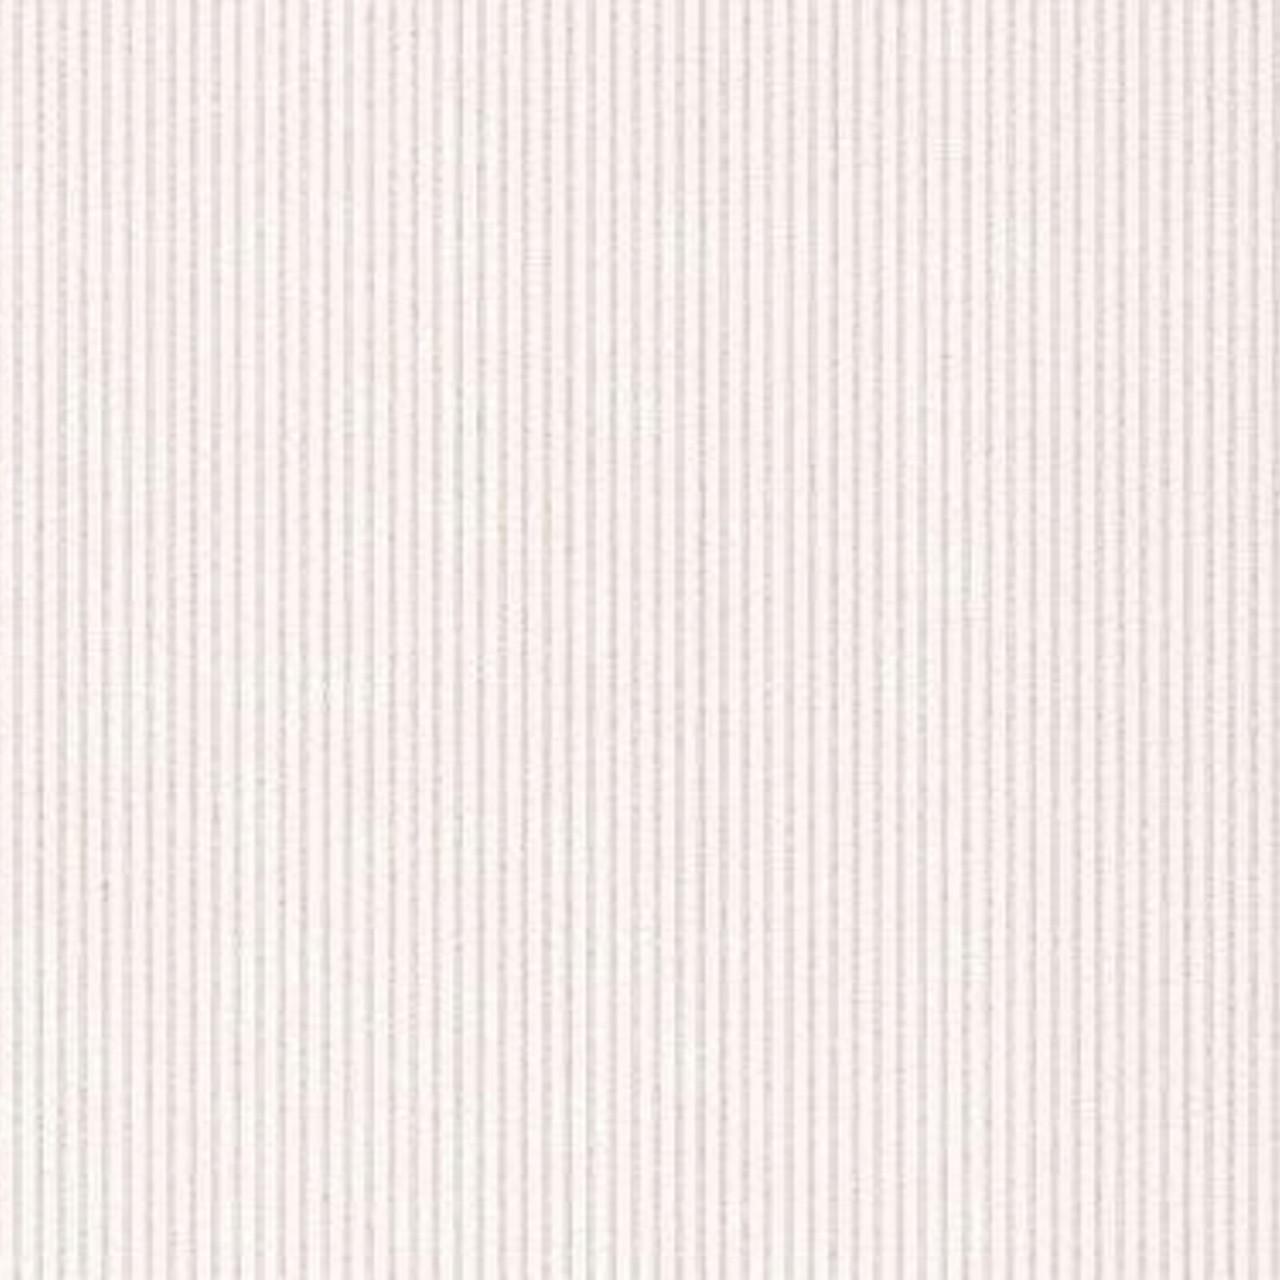 Обои, на стену, винил, B40,4 Фиеста 3 5534-01, 0,53*12м ( 4 полосы х 3 м)